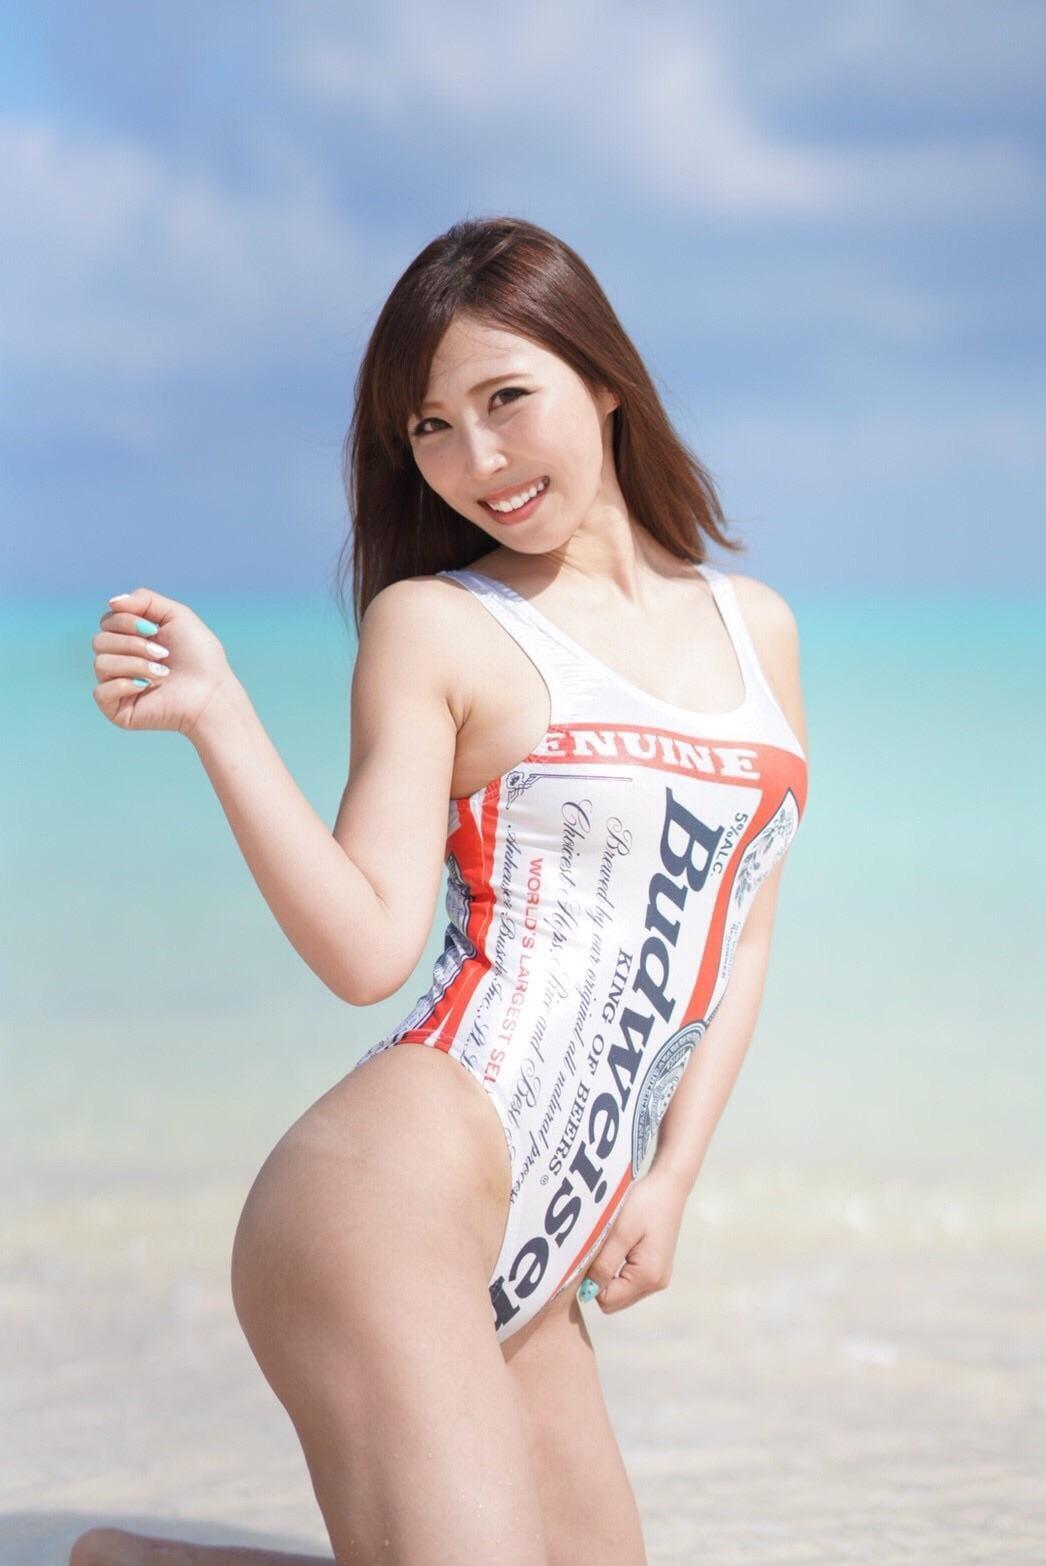 「【 ご予約 】」09/23(日) 20:50   りおの写メ・風俗動画